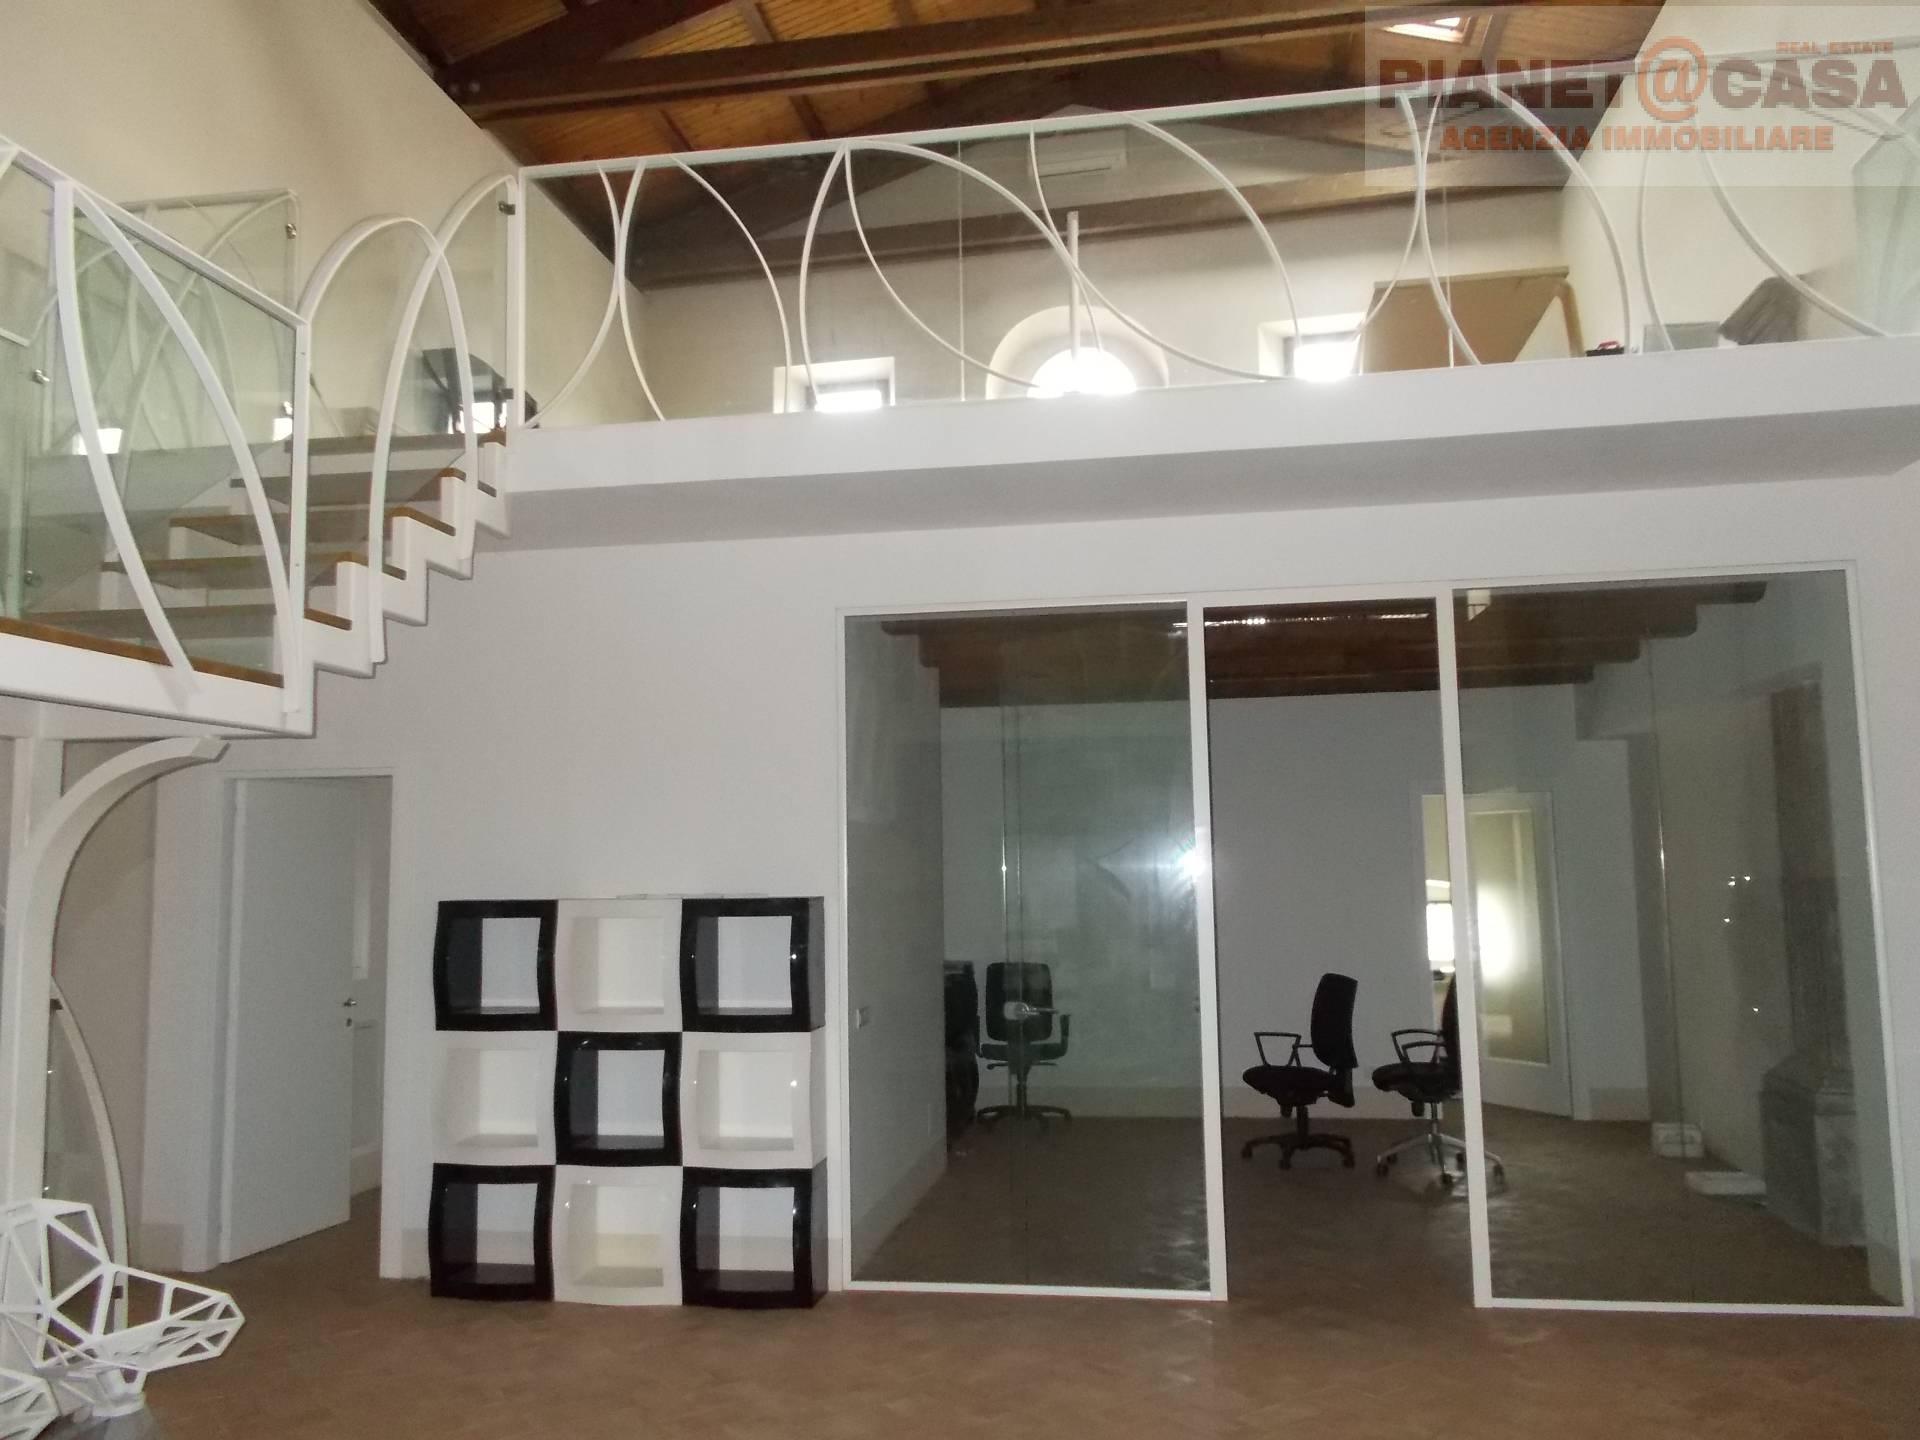 Appartamento in affitto a Ascoli Piceno, 5 locali, zona Località: CENTRO, prezzo € 1.450 | CambioCasa.it